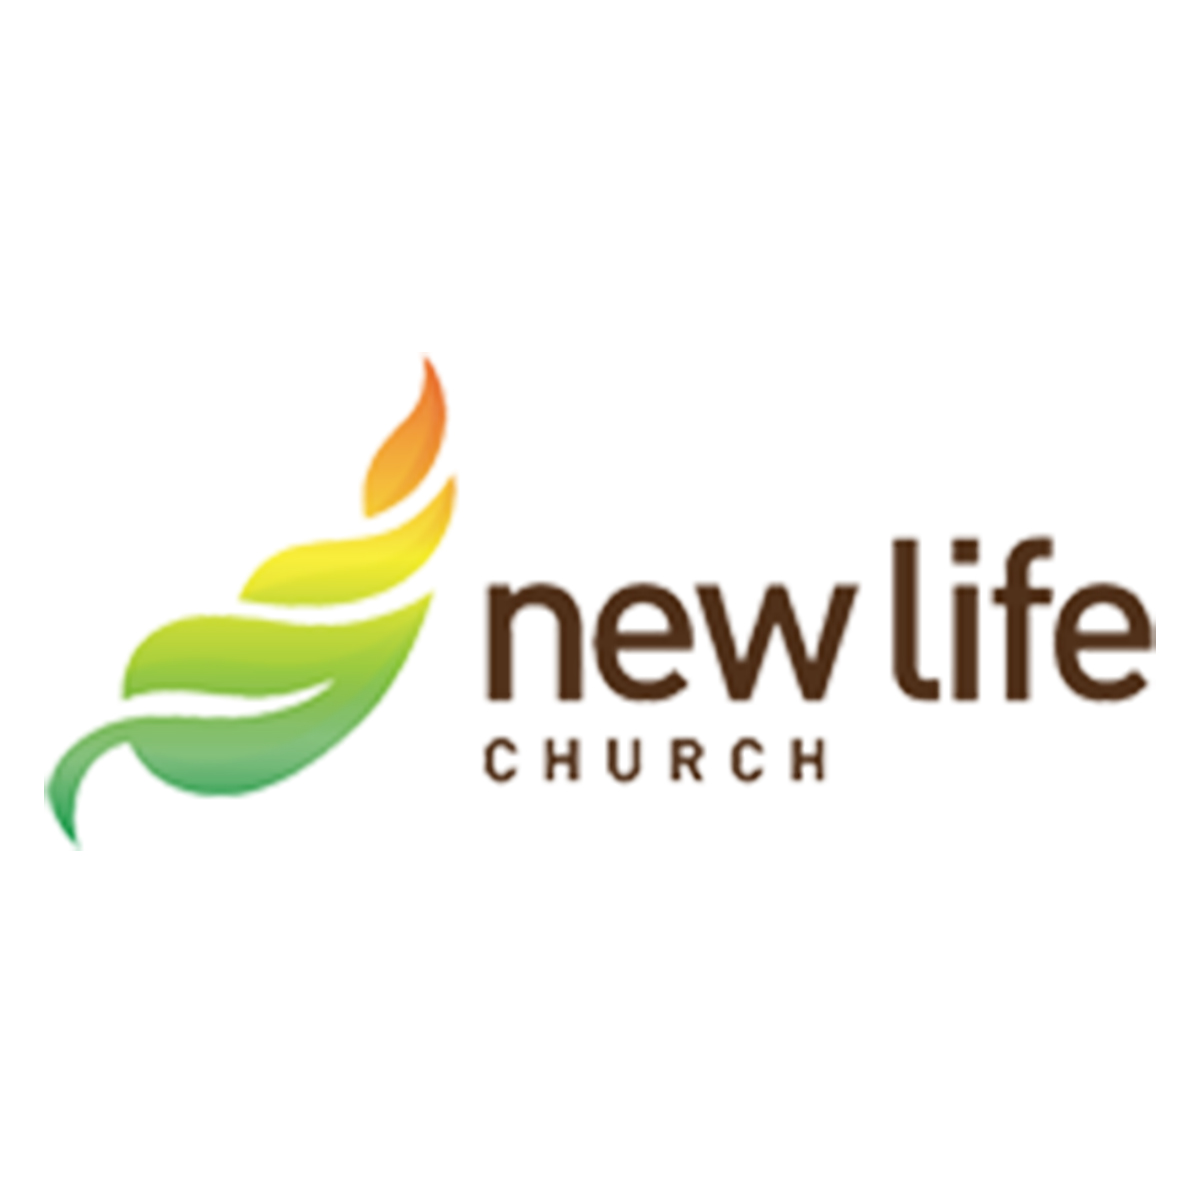 church media life - photo #35